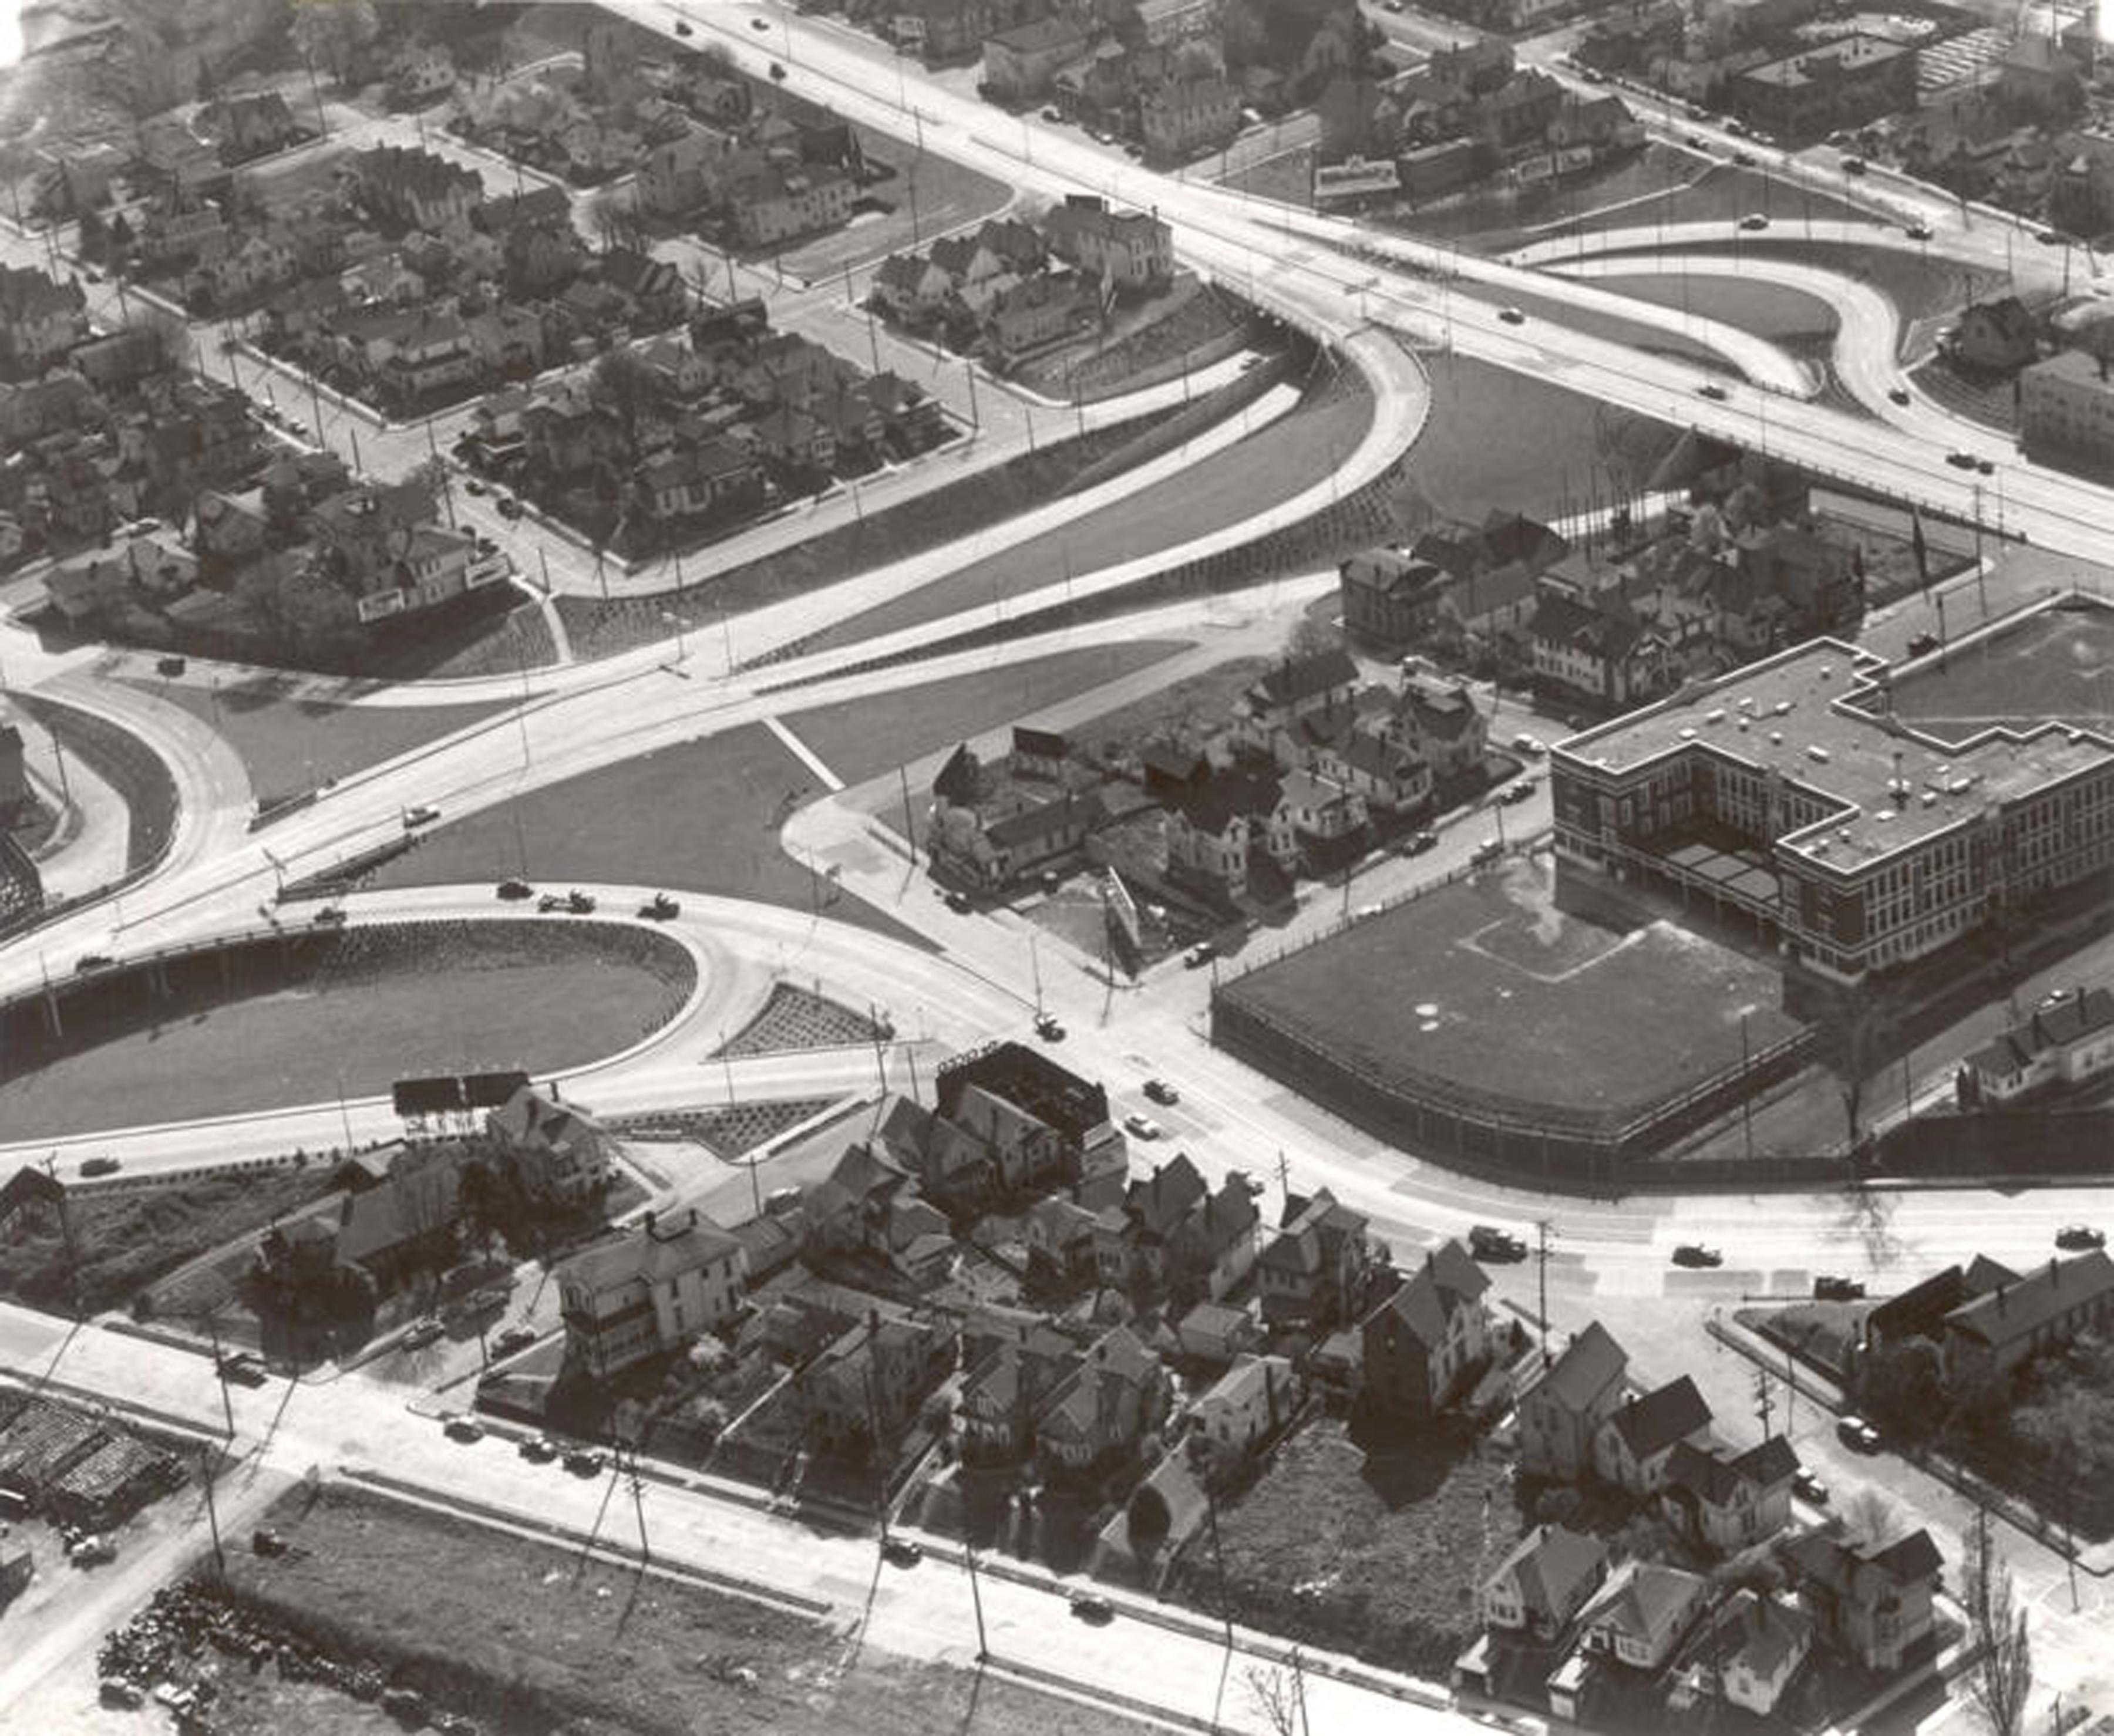 ross-island-bridge-west-end-approach-cloverleaf-1952